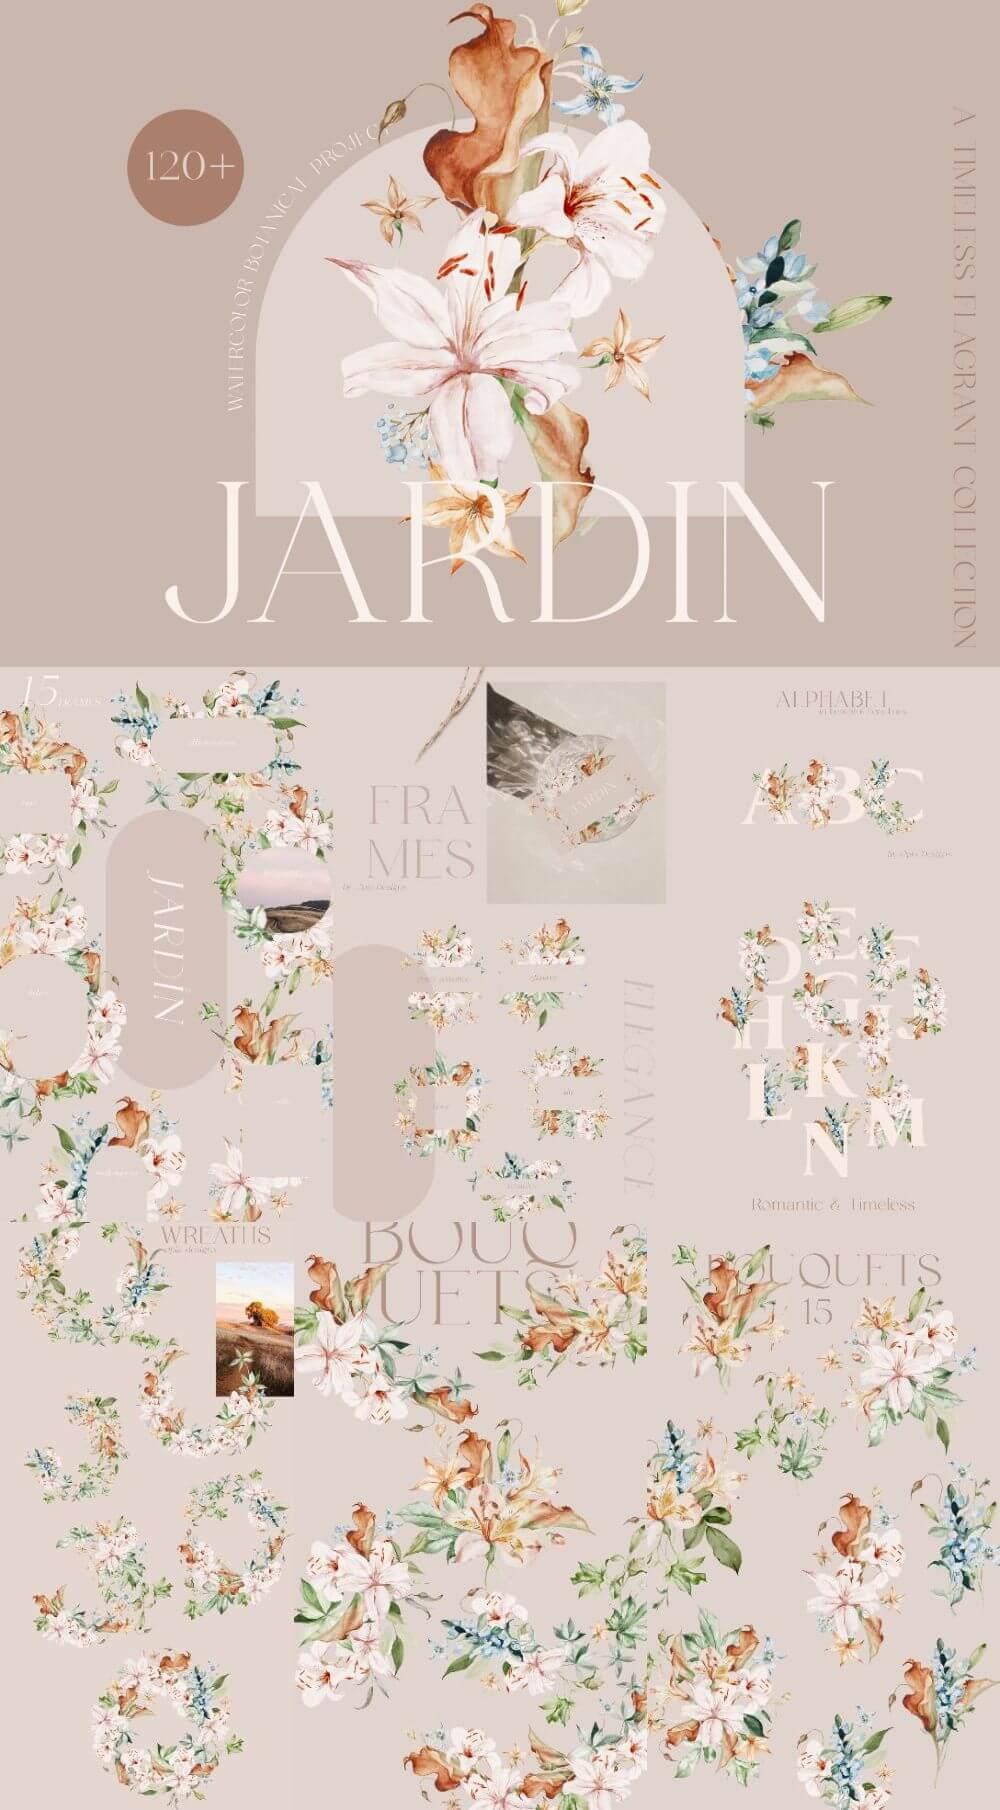 Jardin – Watercolor Botanicals